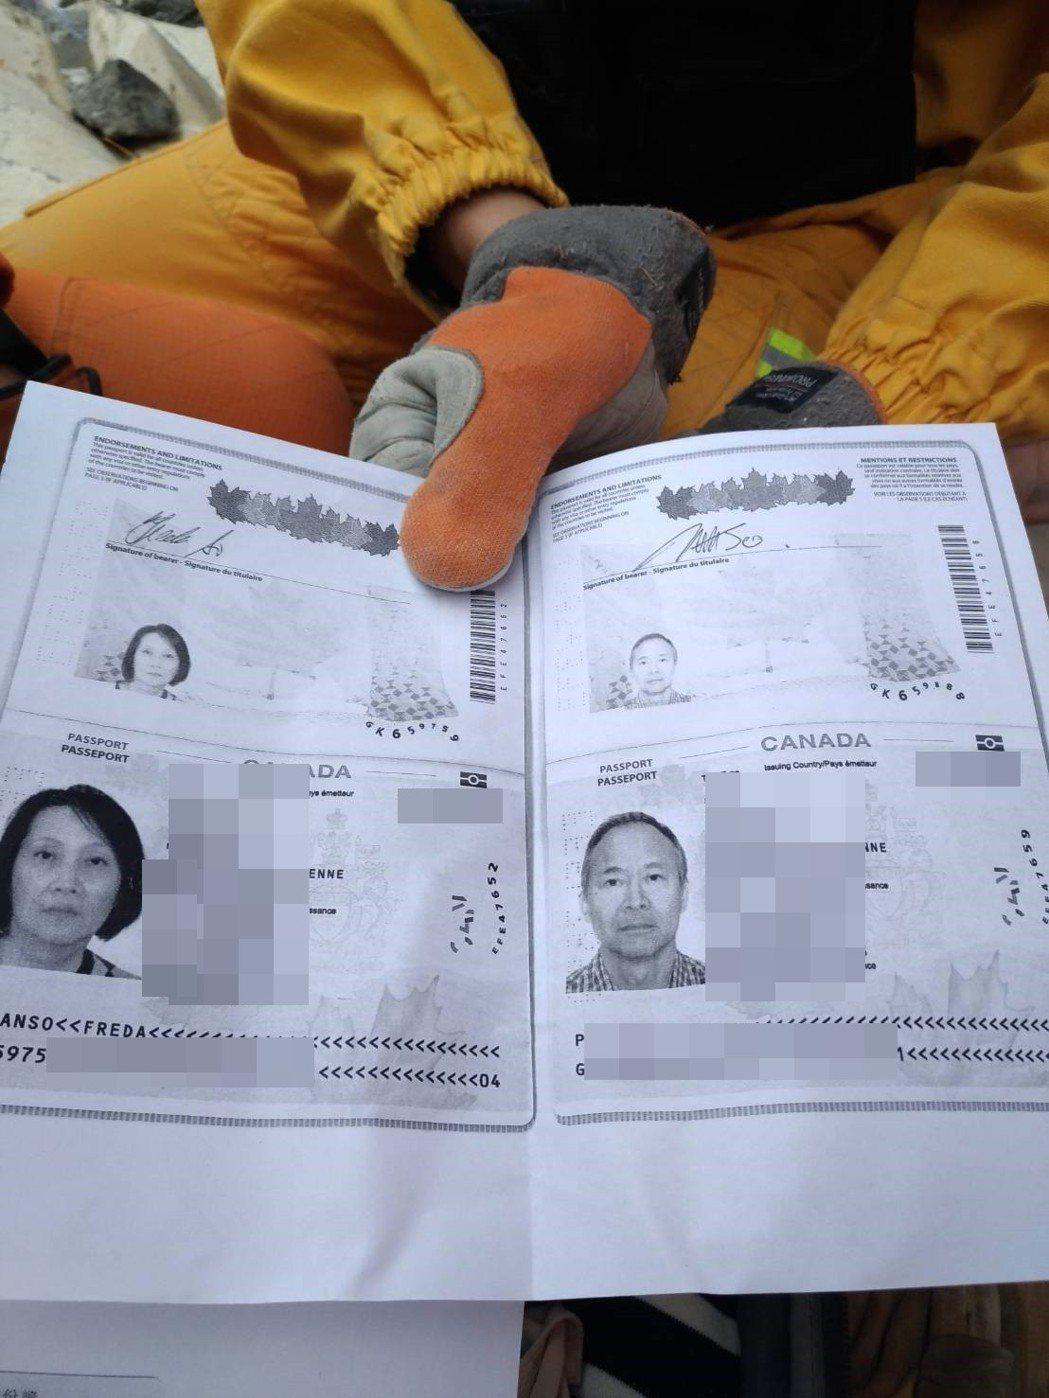 搜救人員找到加國夫婦,發現他們的護照影本。 圖/嘉義市特搜隊提供